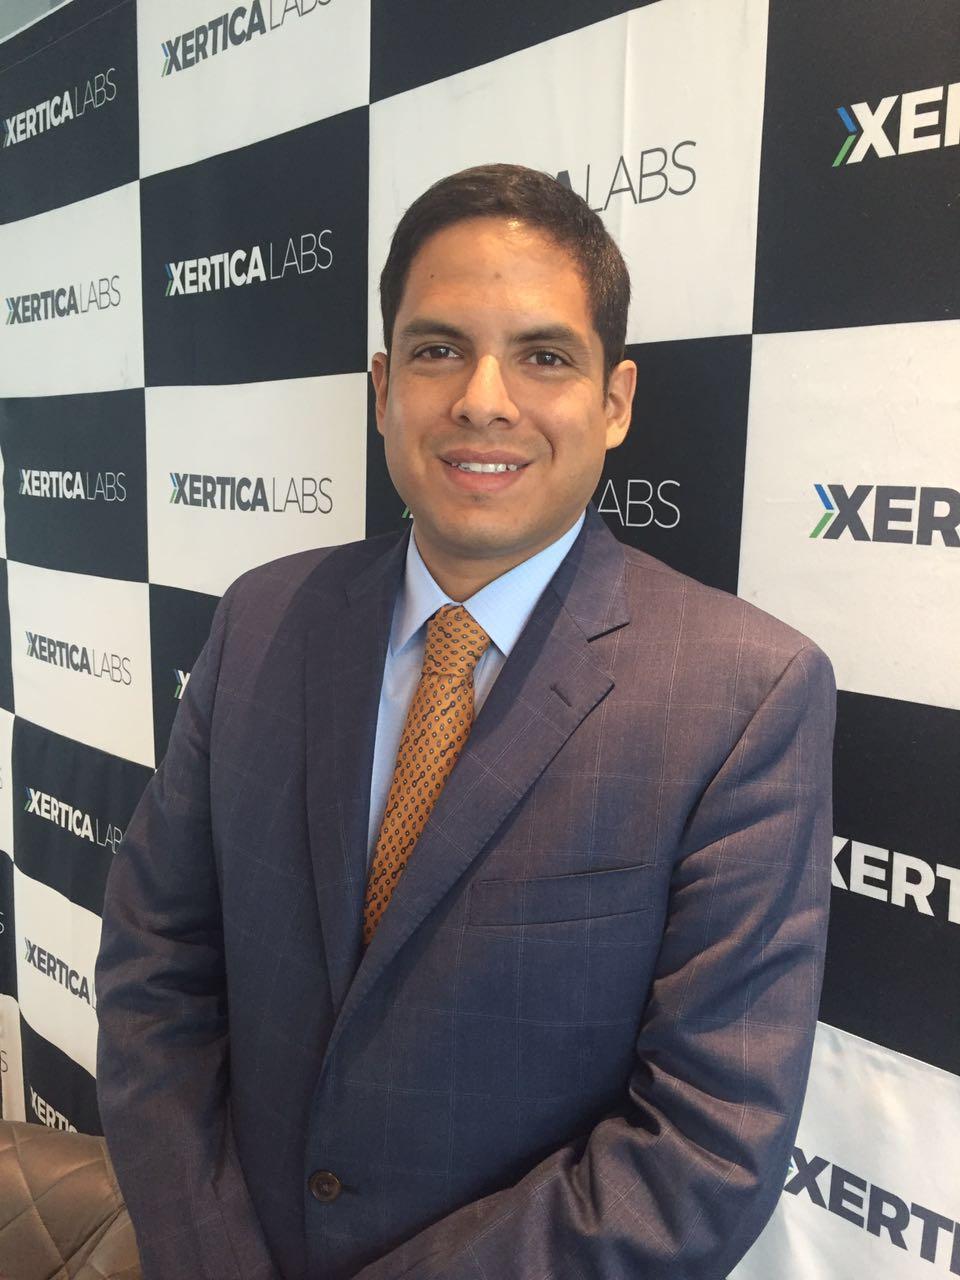 Luis Arbulú, CEO de Xertica Labs